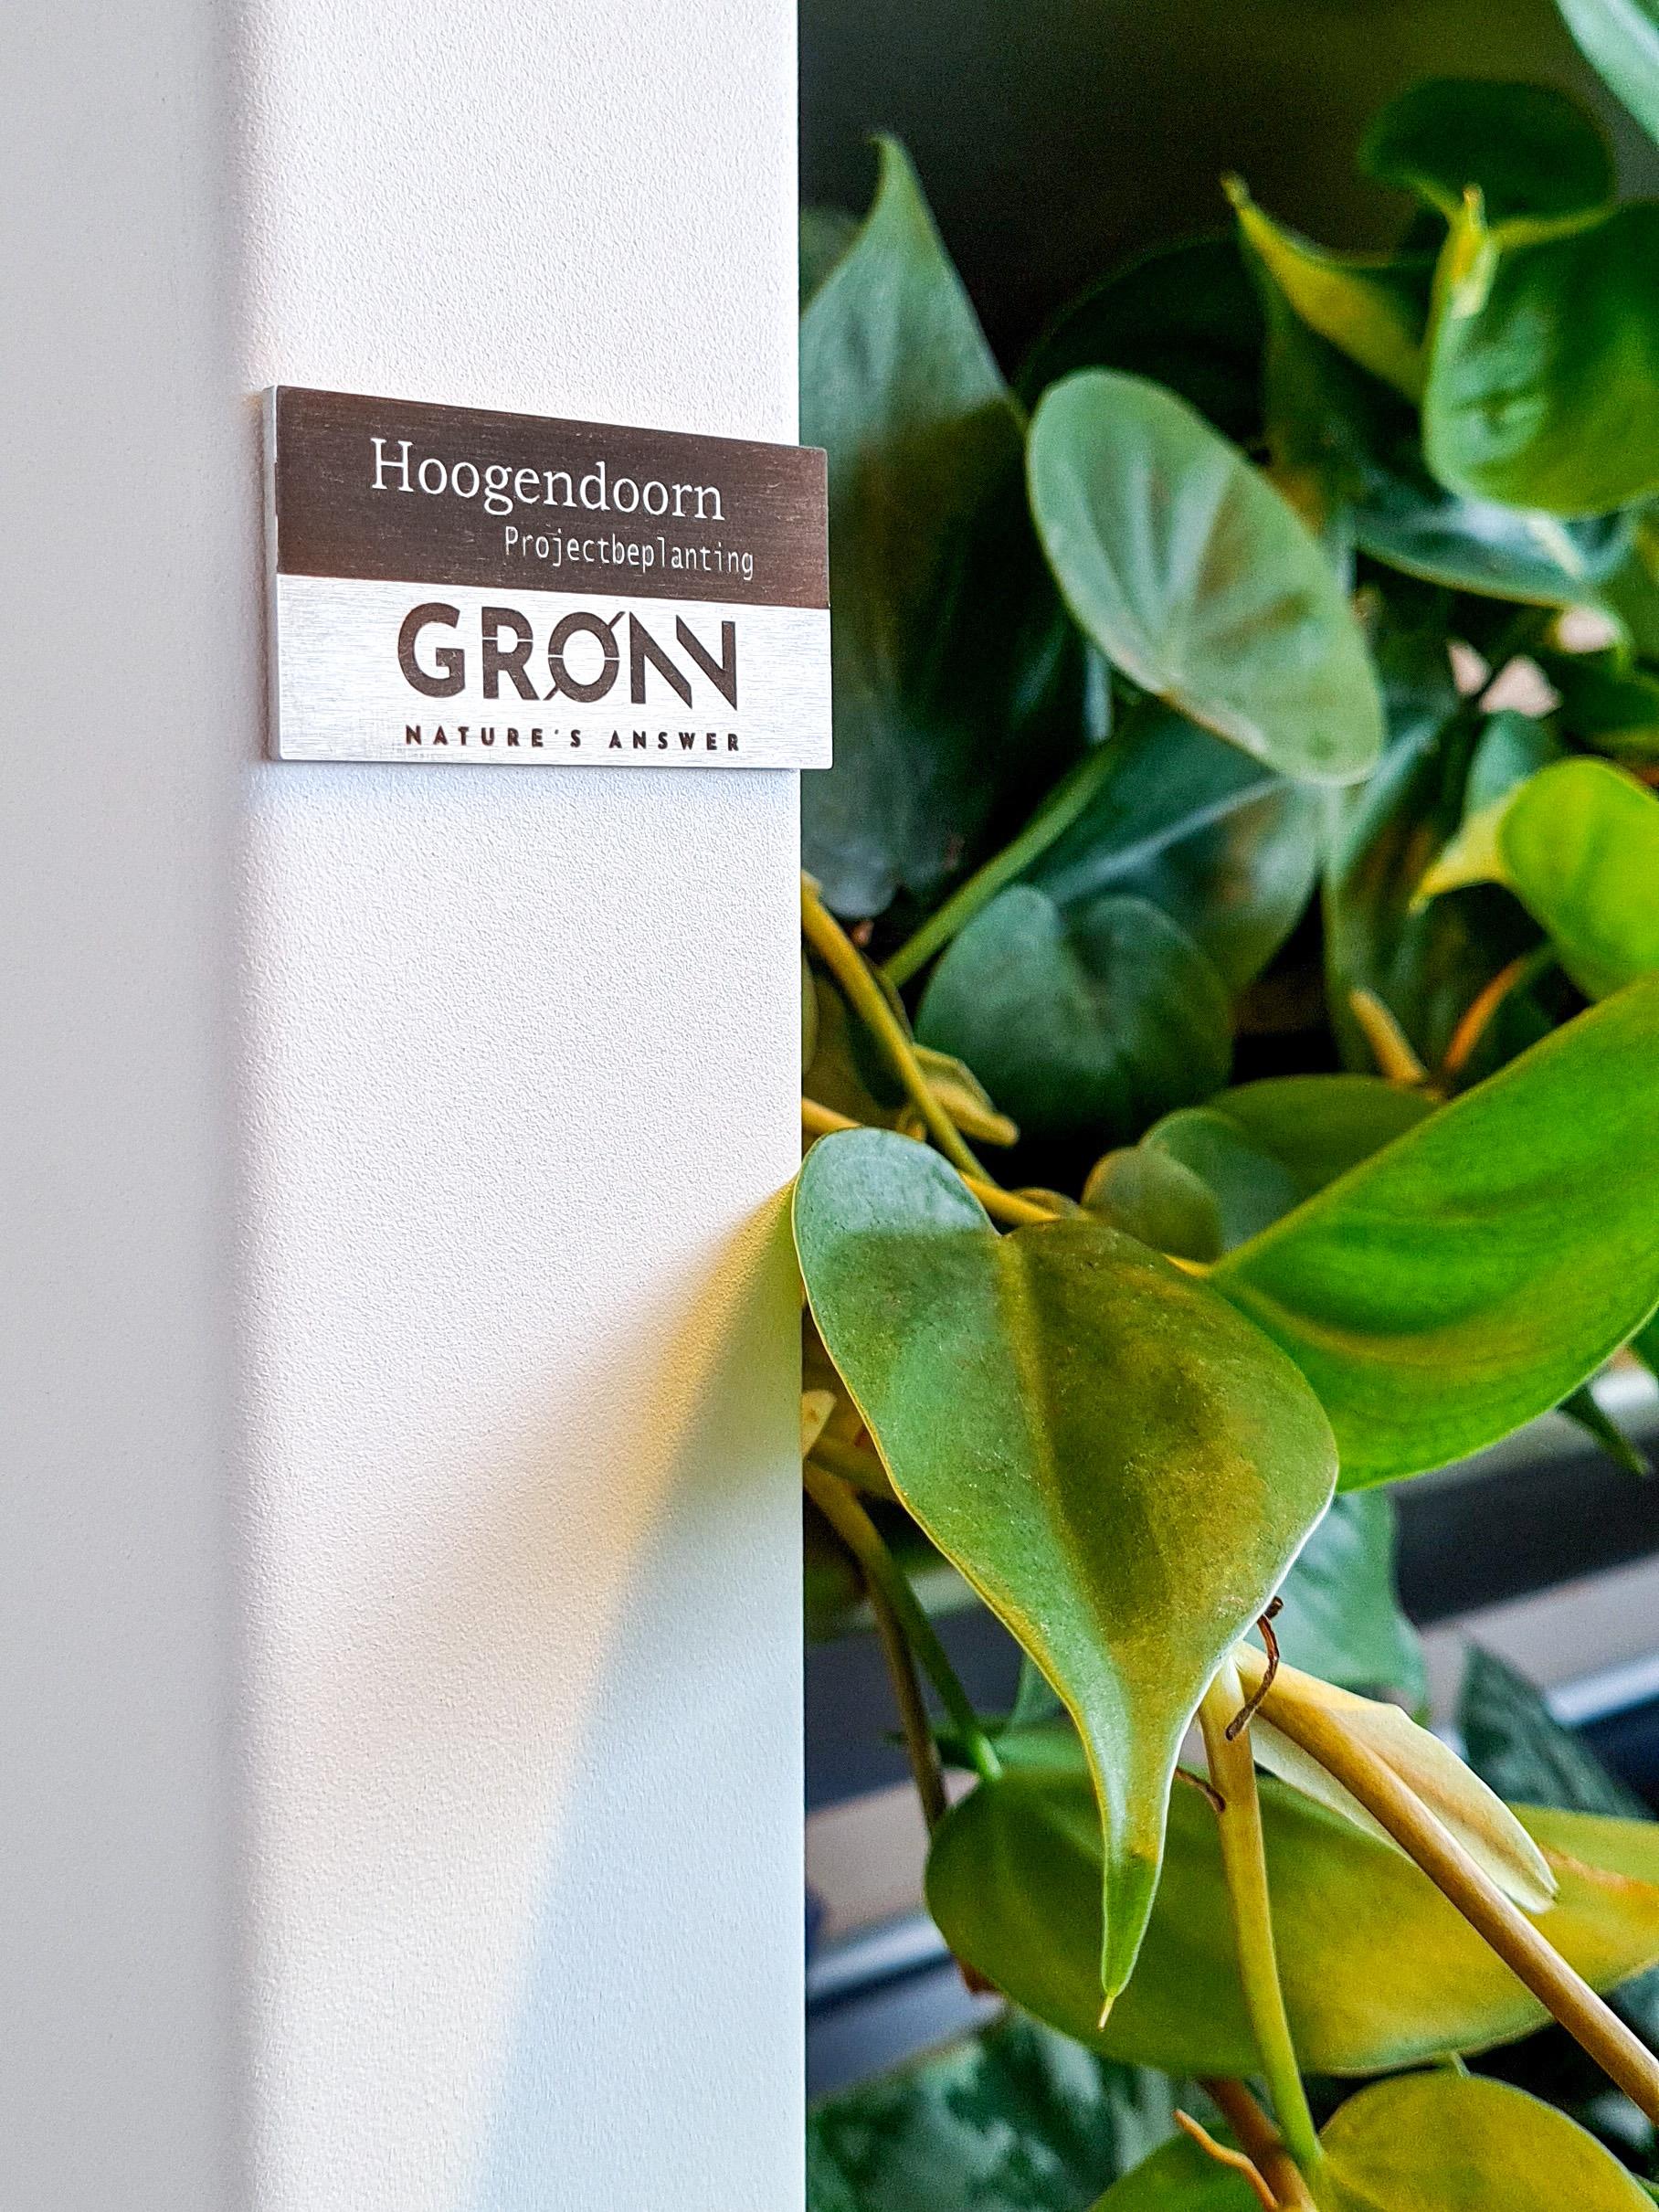 Gronn by Hoogendoorn